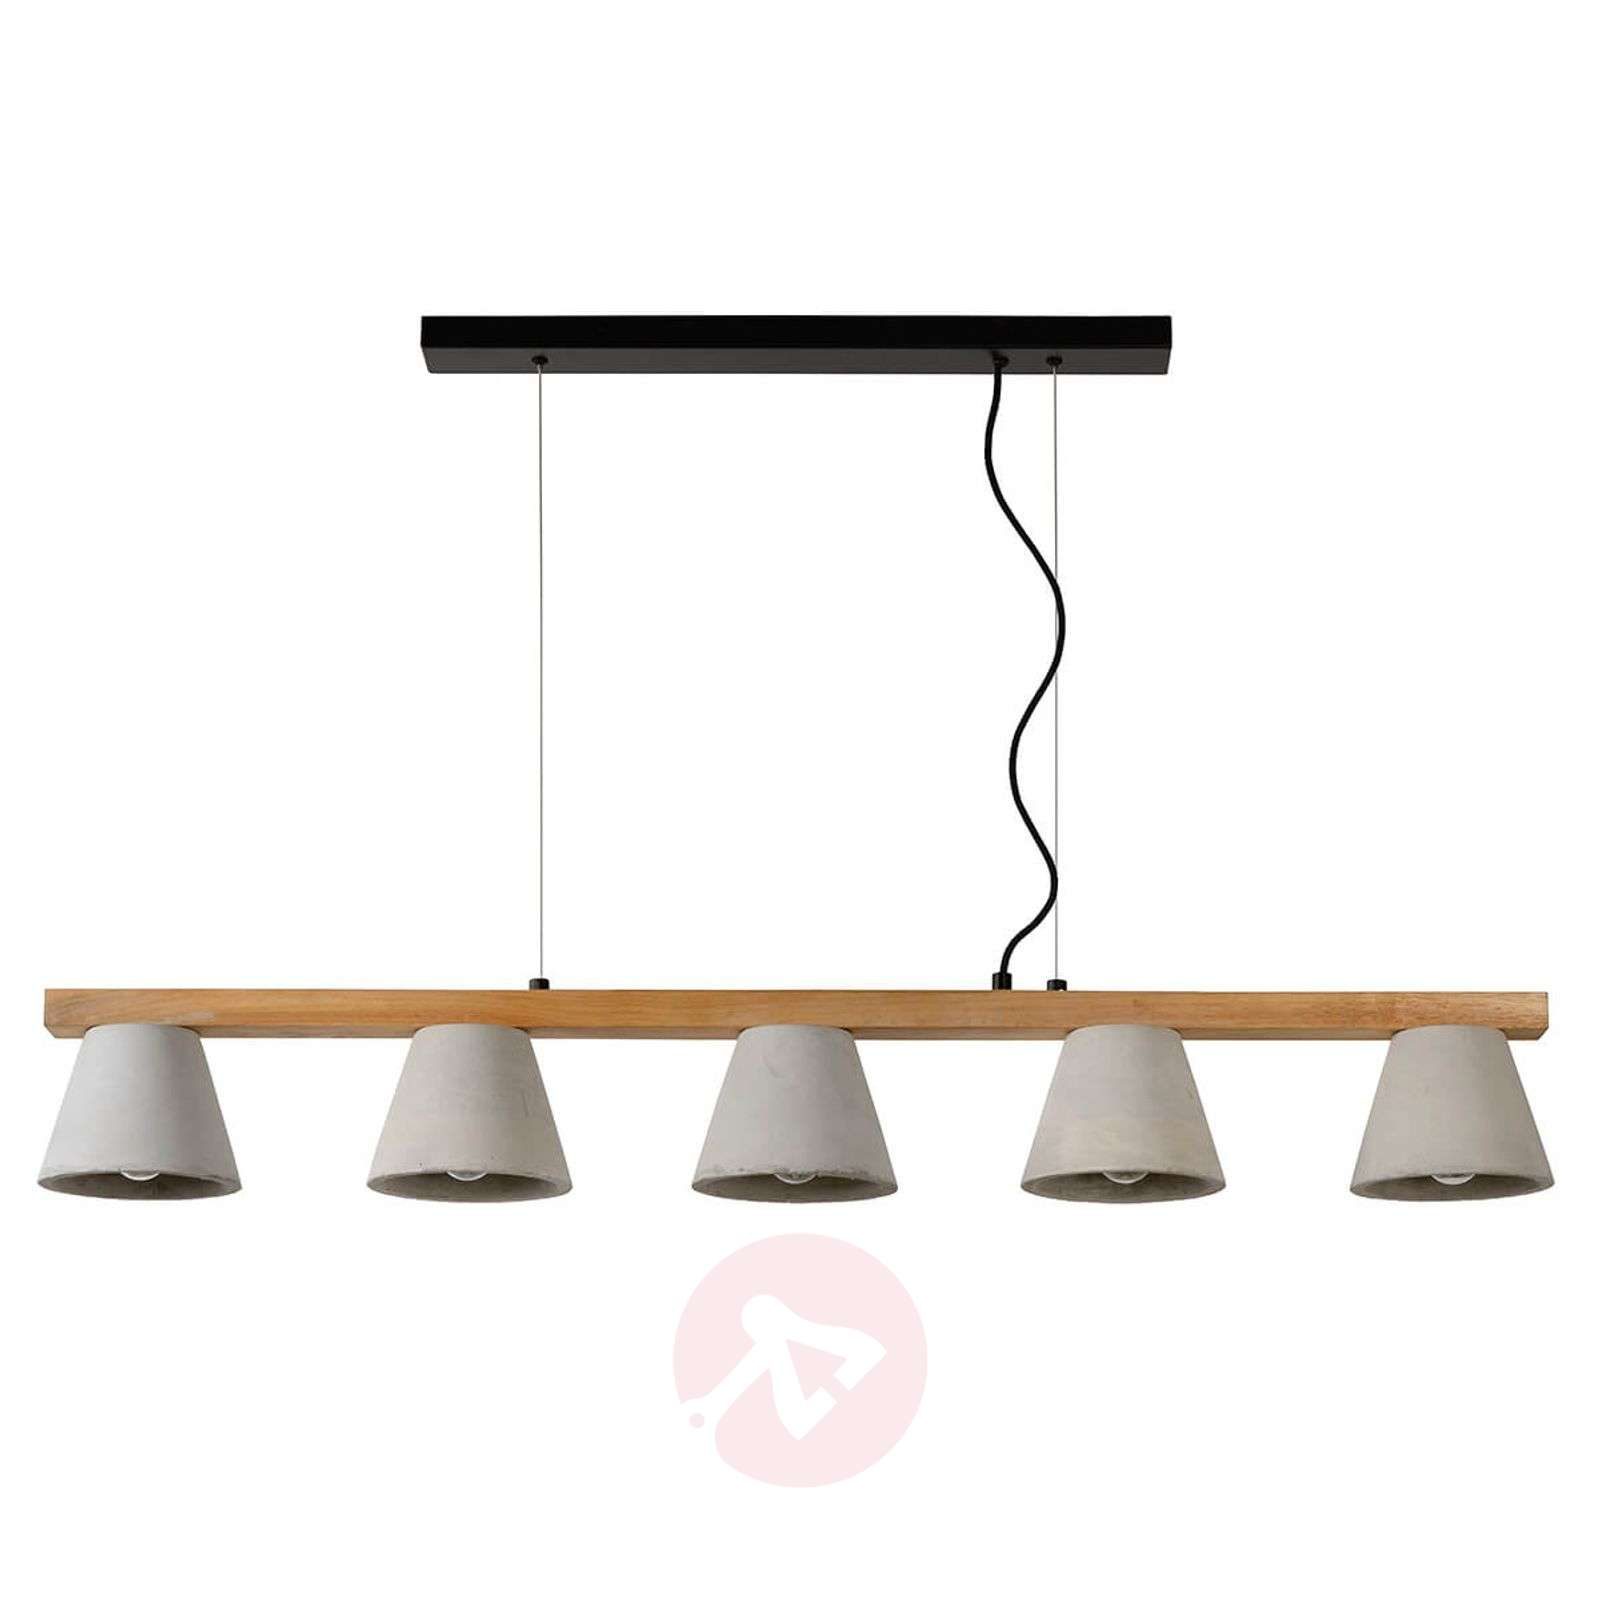 Impressive linear pendant lamp Possio, concrete-6055260-01